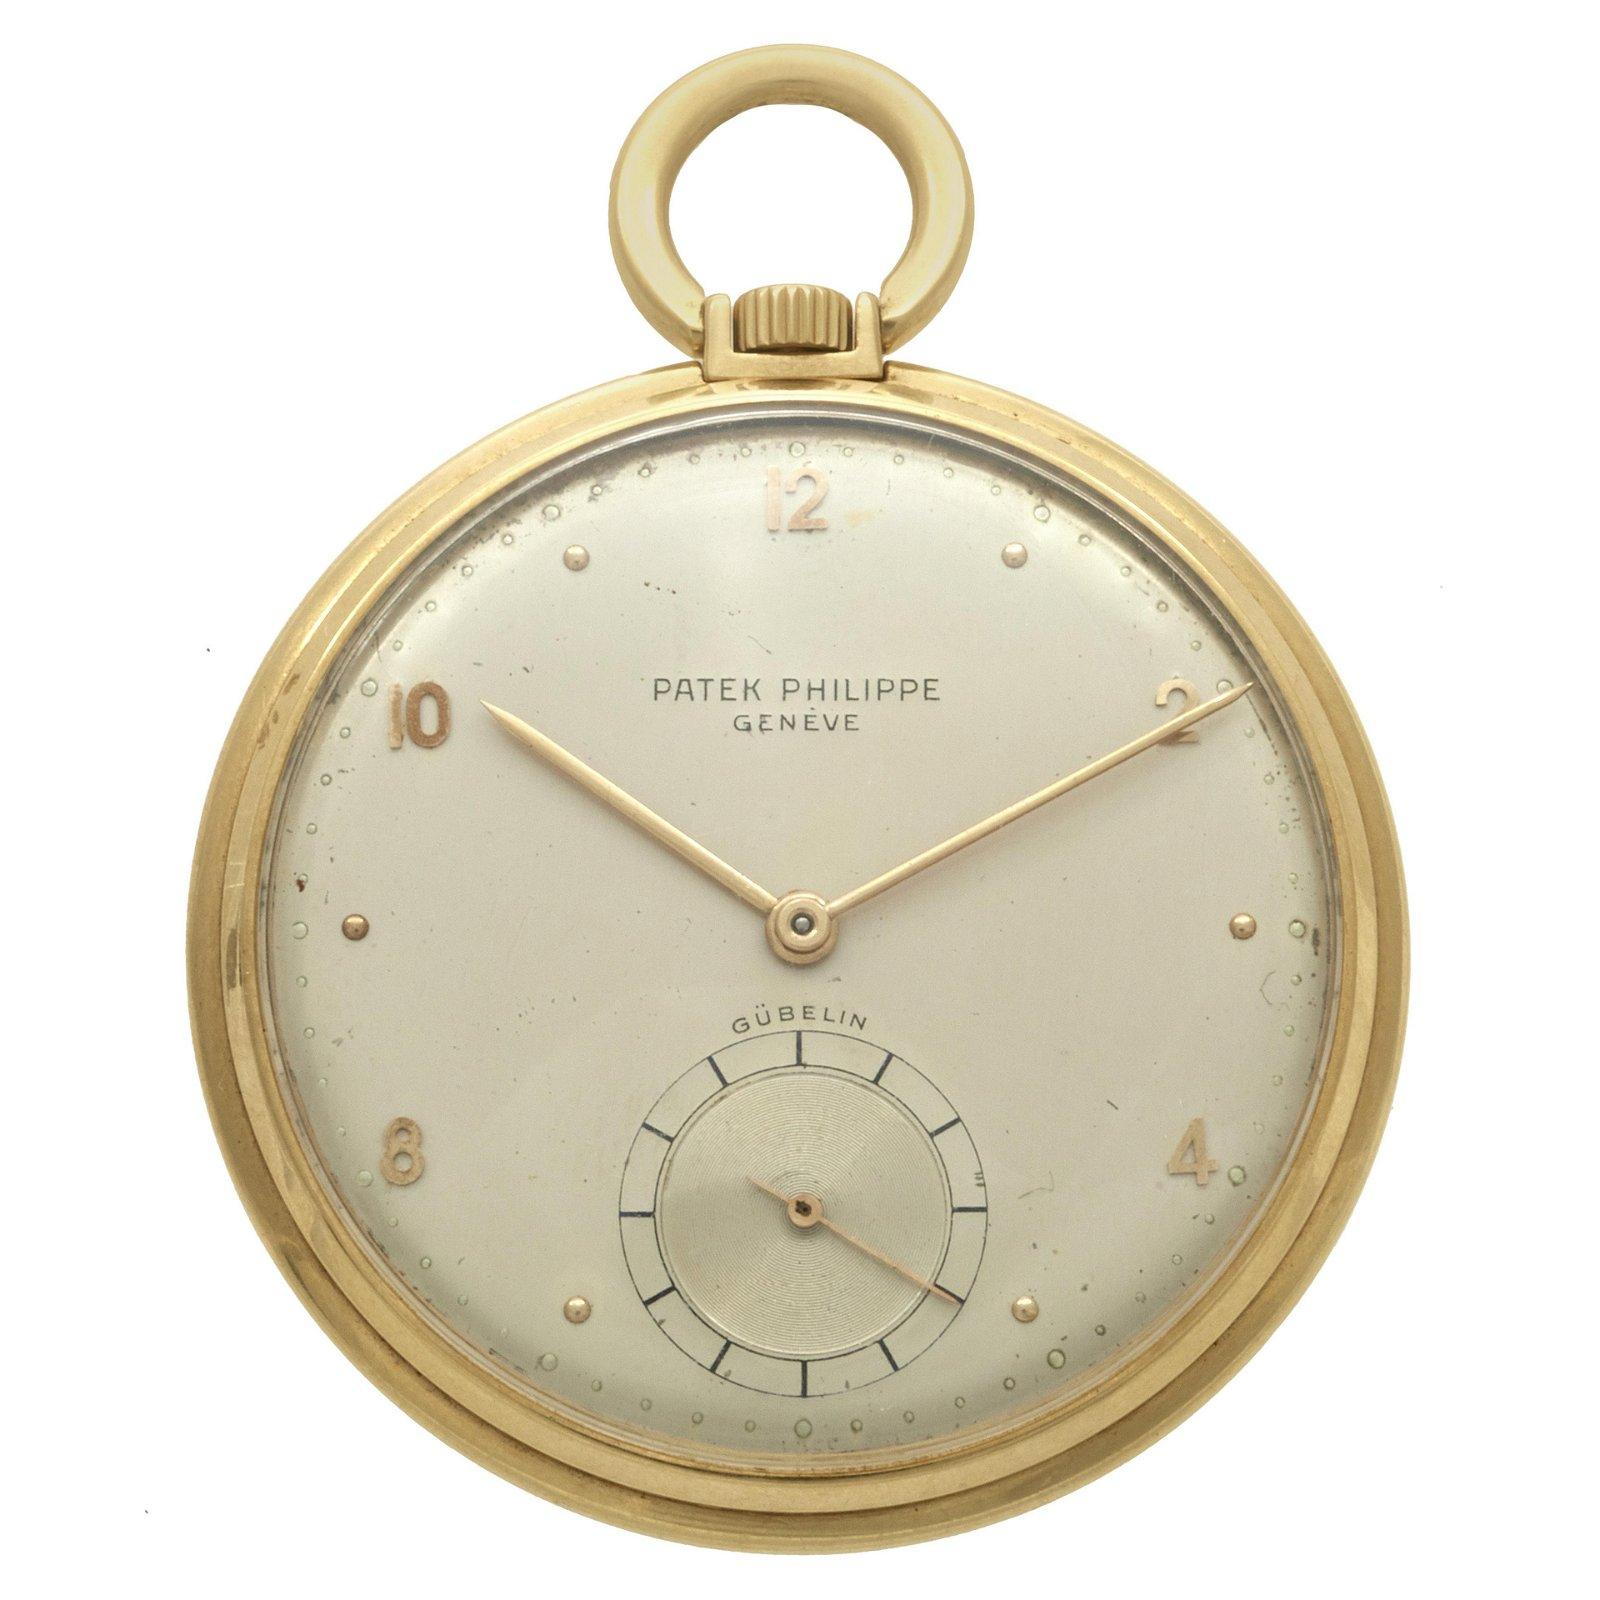 A Patek Phillipe 18k pocket watch